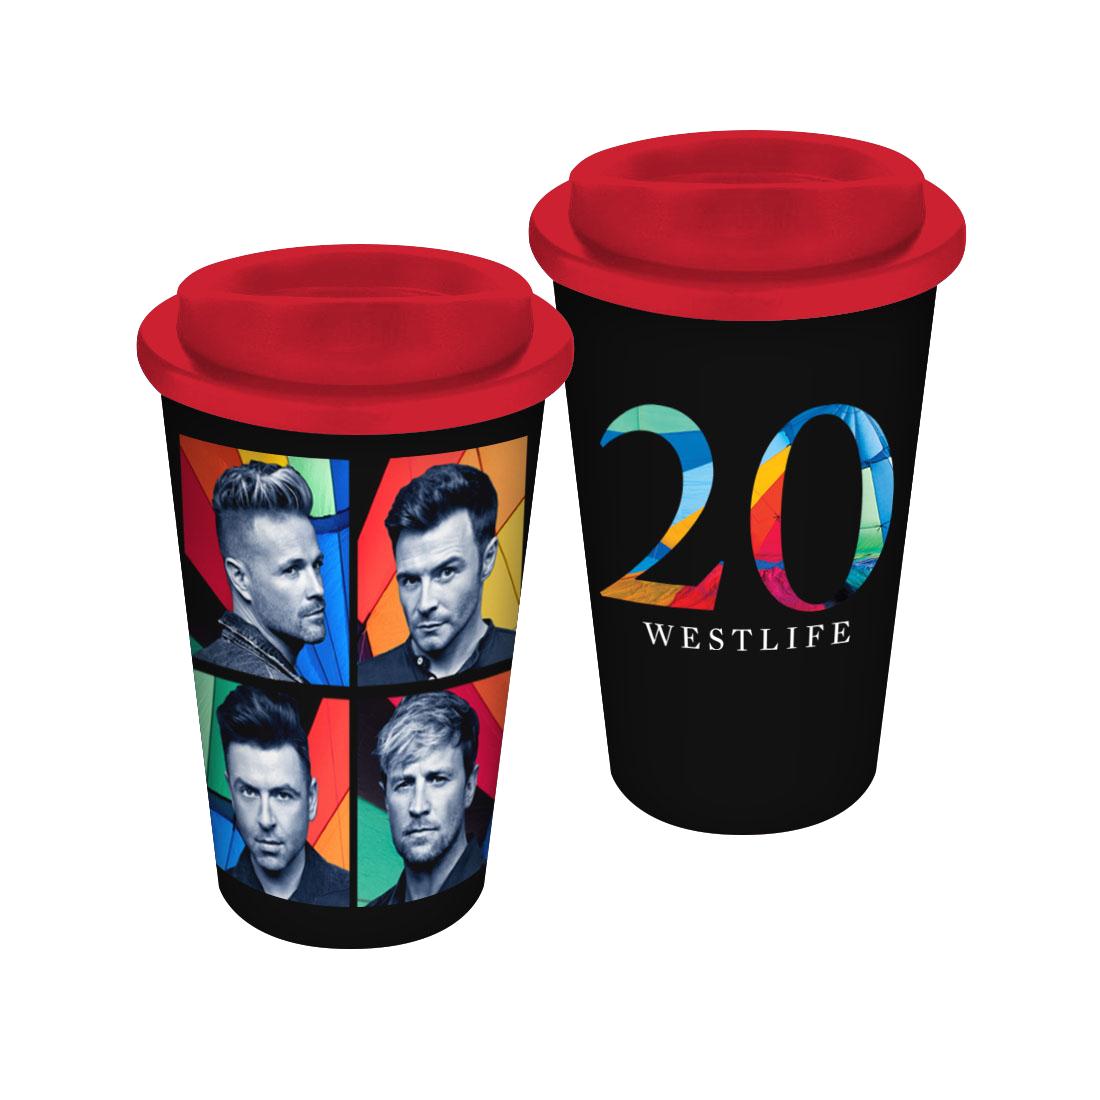 Westlife: Coffee Cup